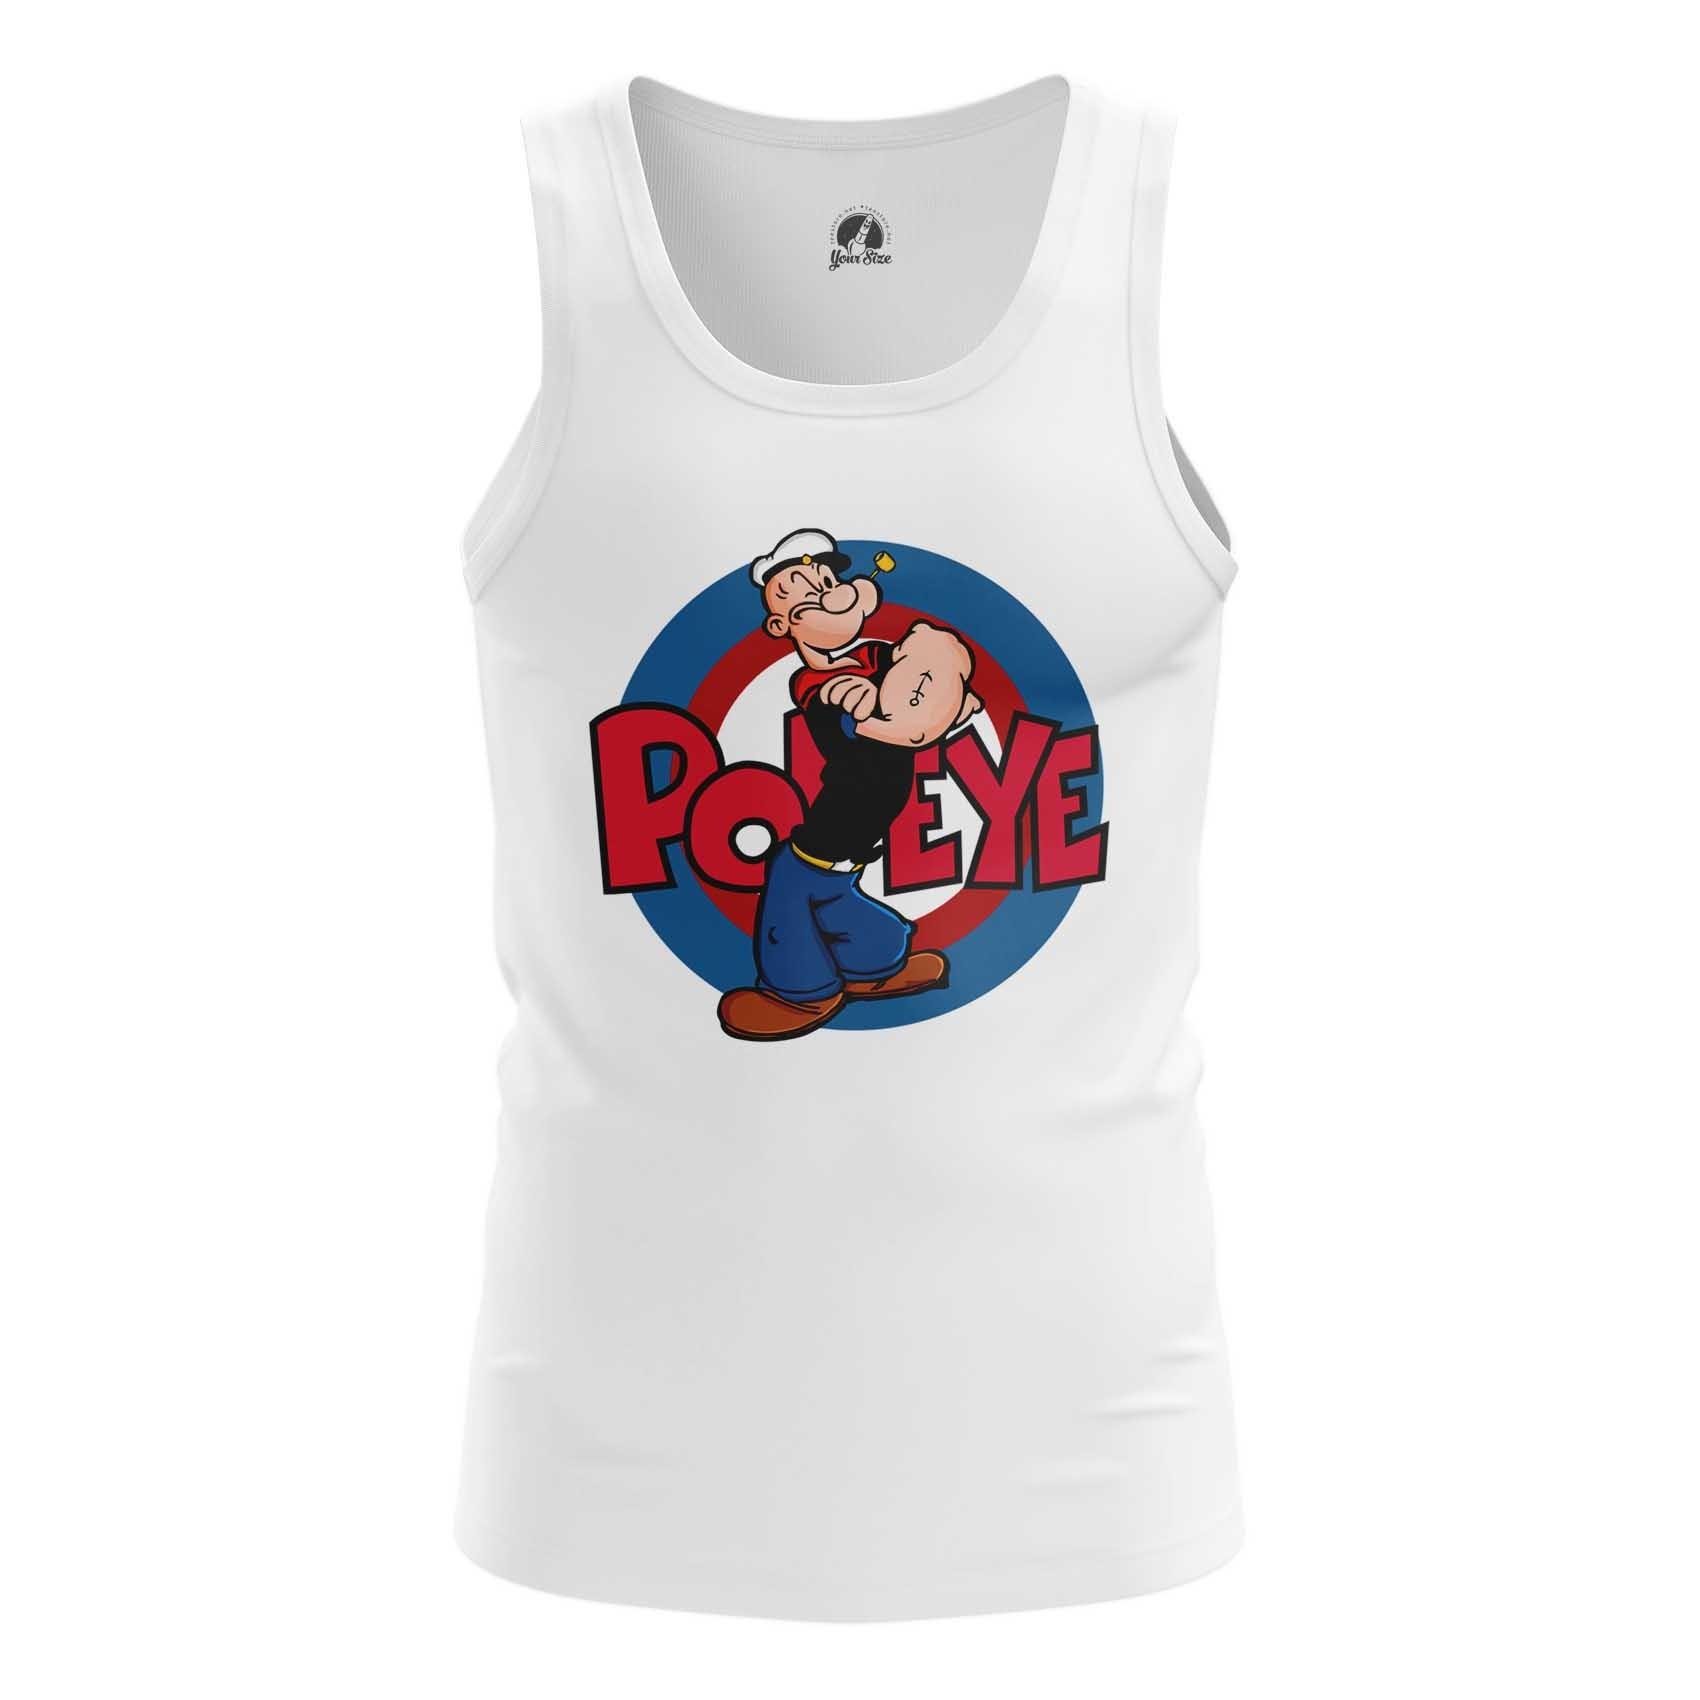 Collectibles Long Sleeve Popeye Sailor Logo